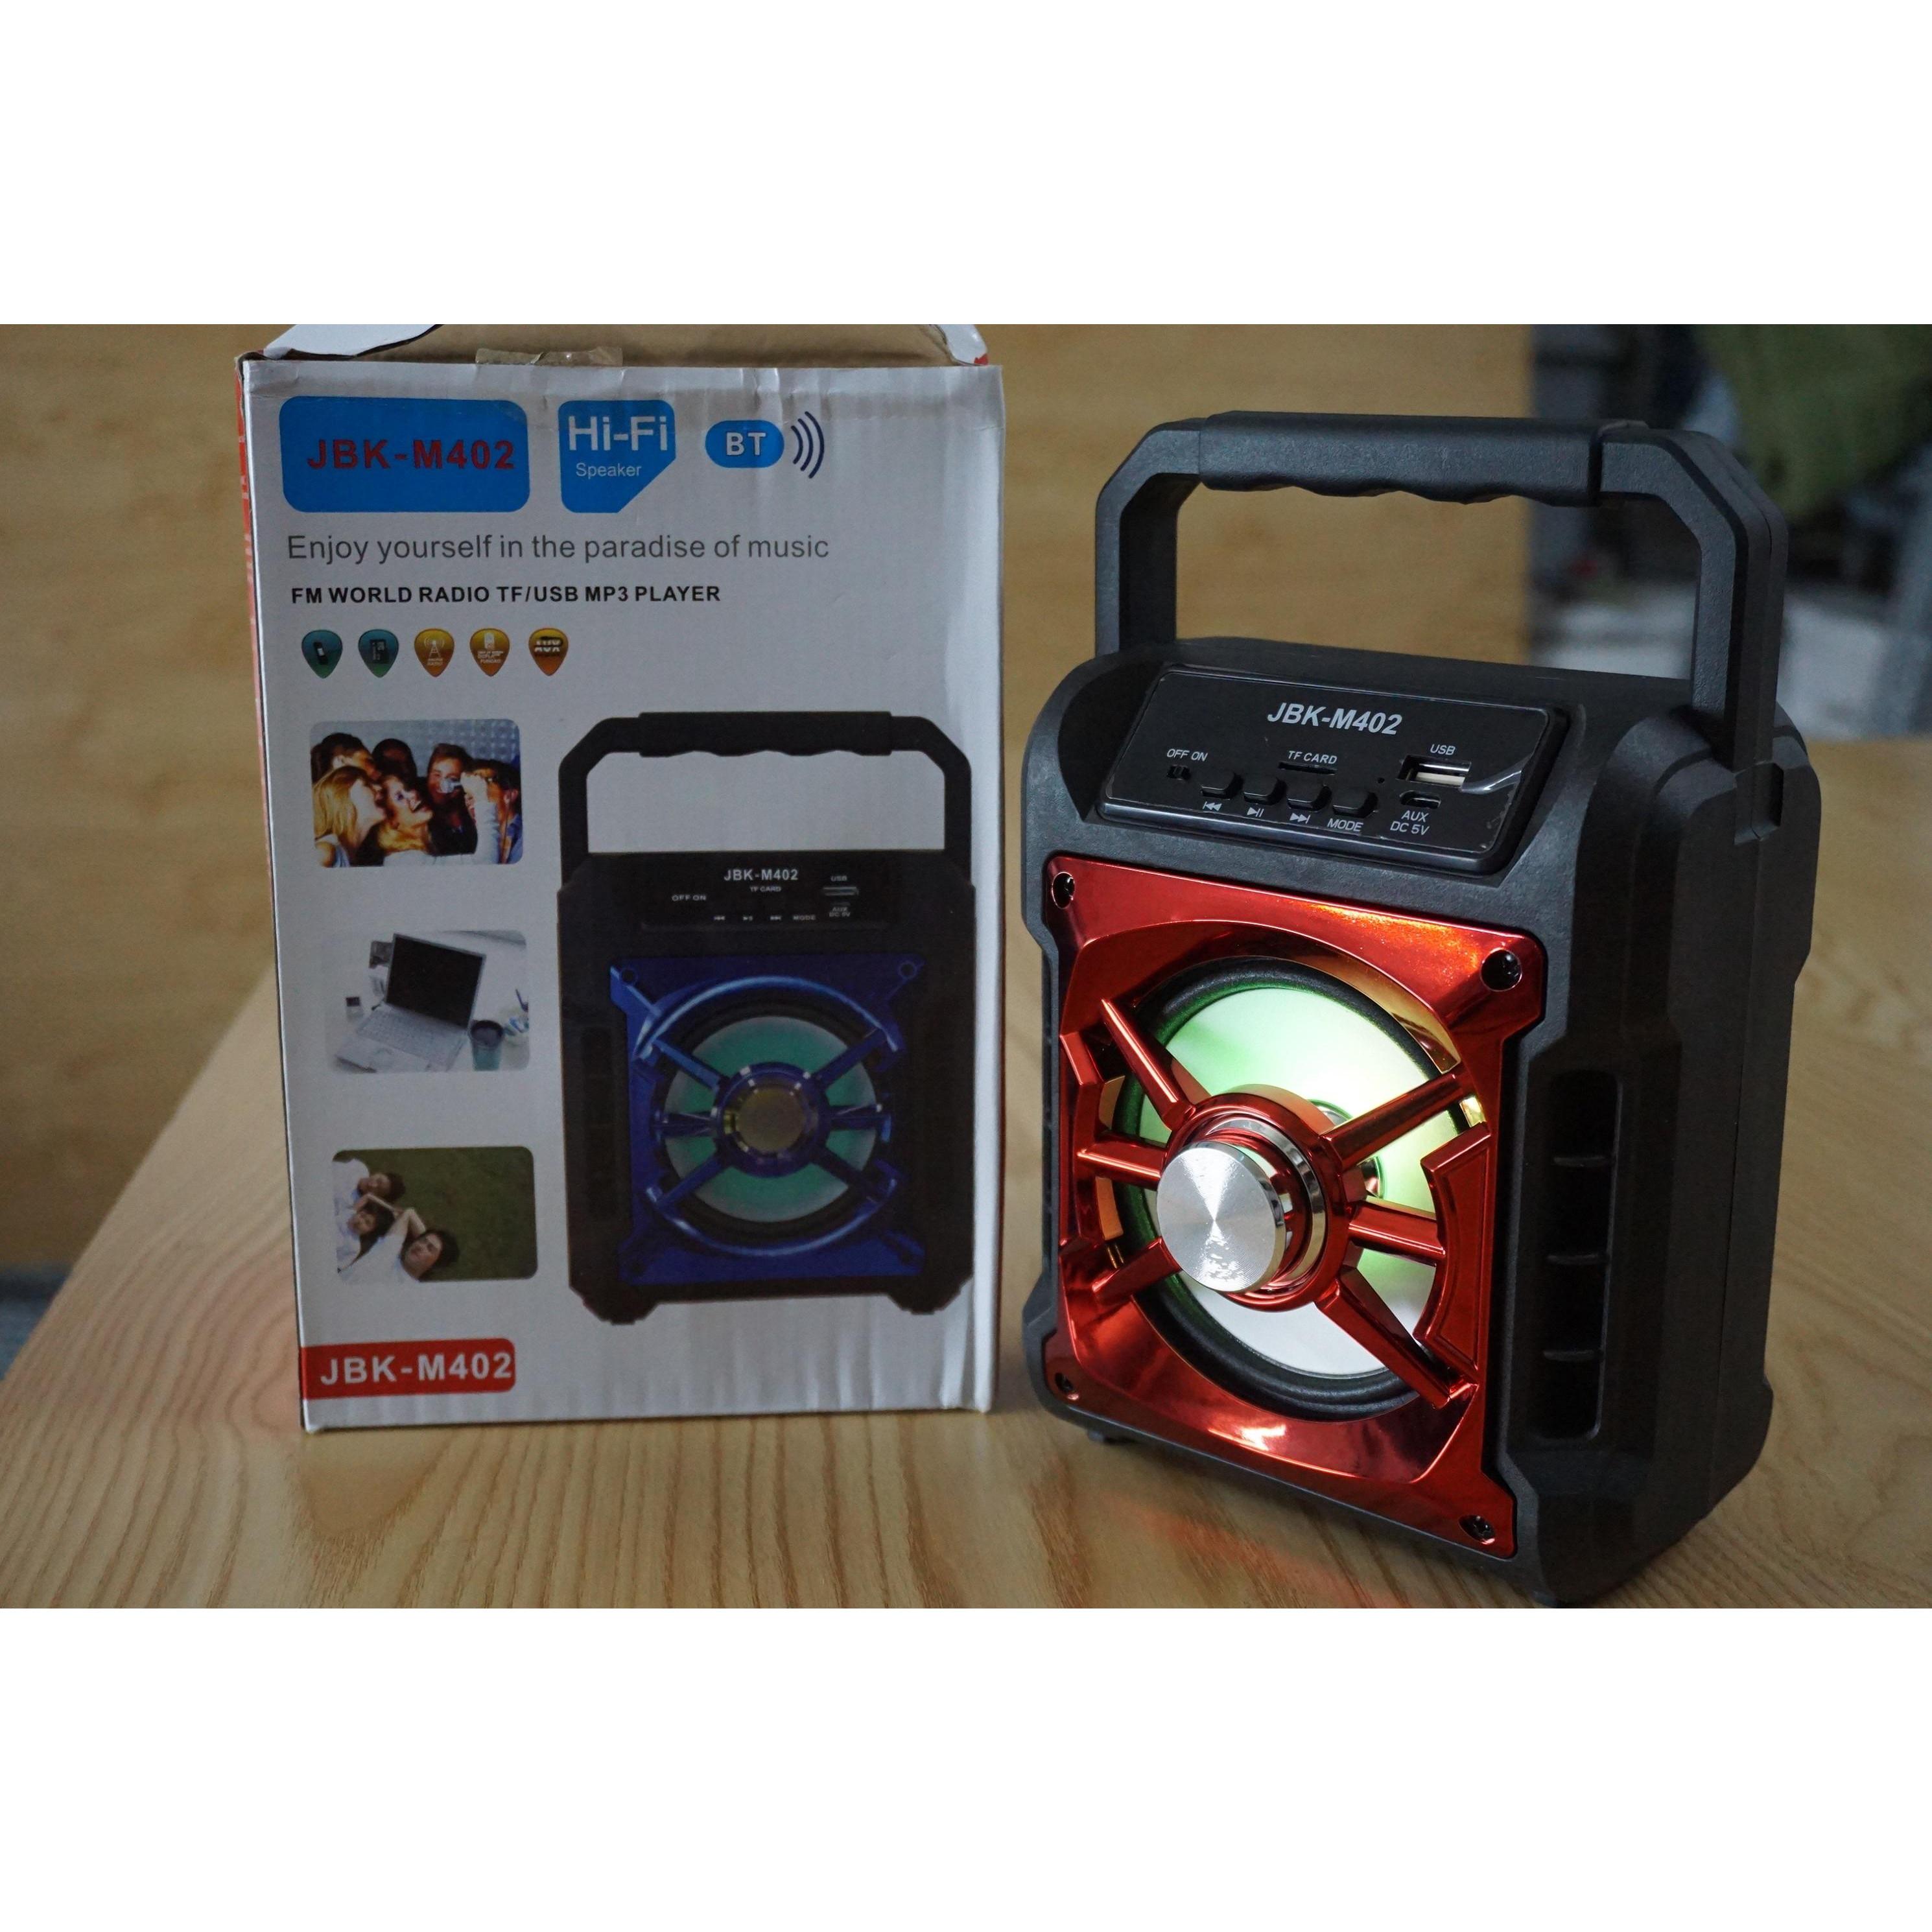 Loa Bluetooth Xách Tay Âm Thanh To Hay Chuẩn c Loa JKB-M402 đỉnh cao âm nhạc, Âm thanh chuẩn,sống động, nhỏ gọn dễ dàng xách đi mọi nơi, công suất lớn.